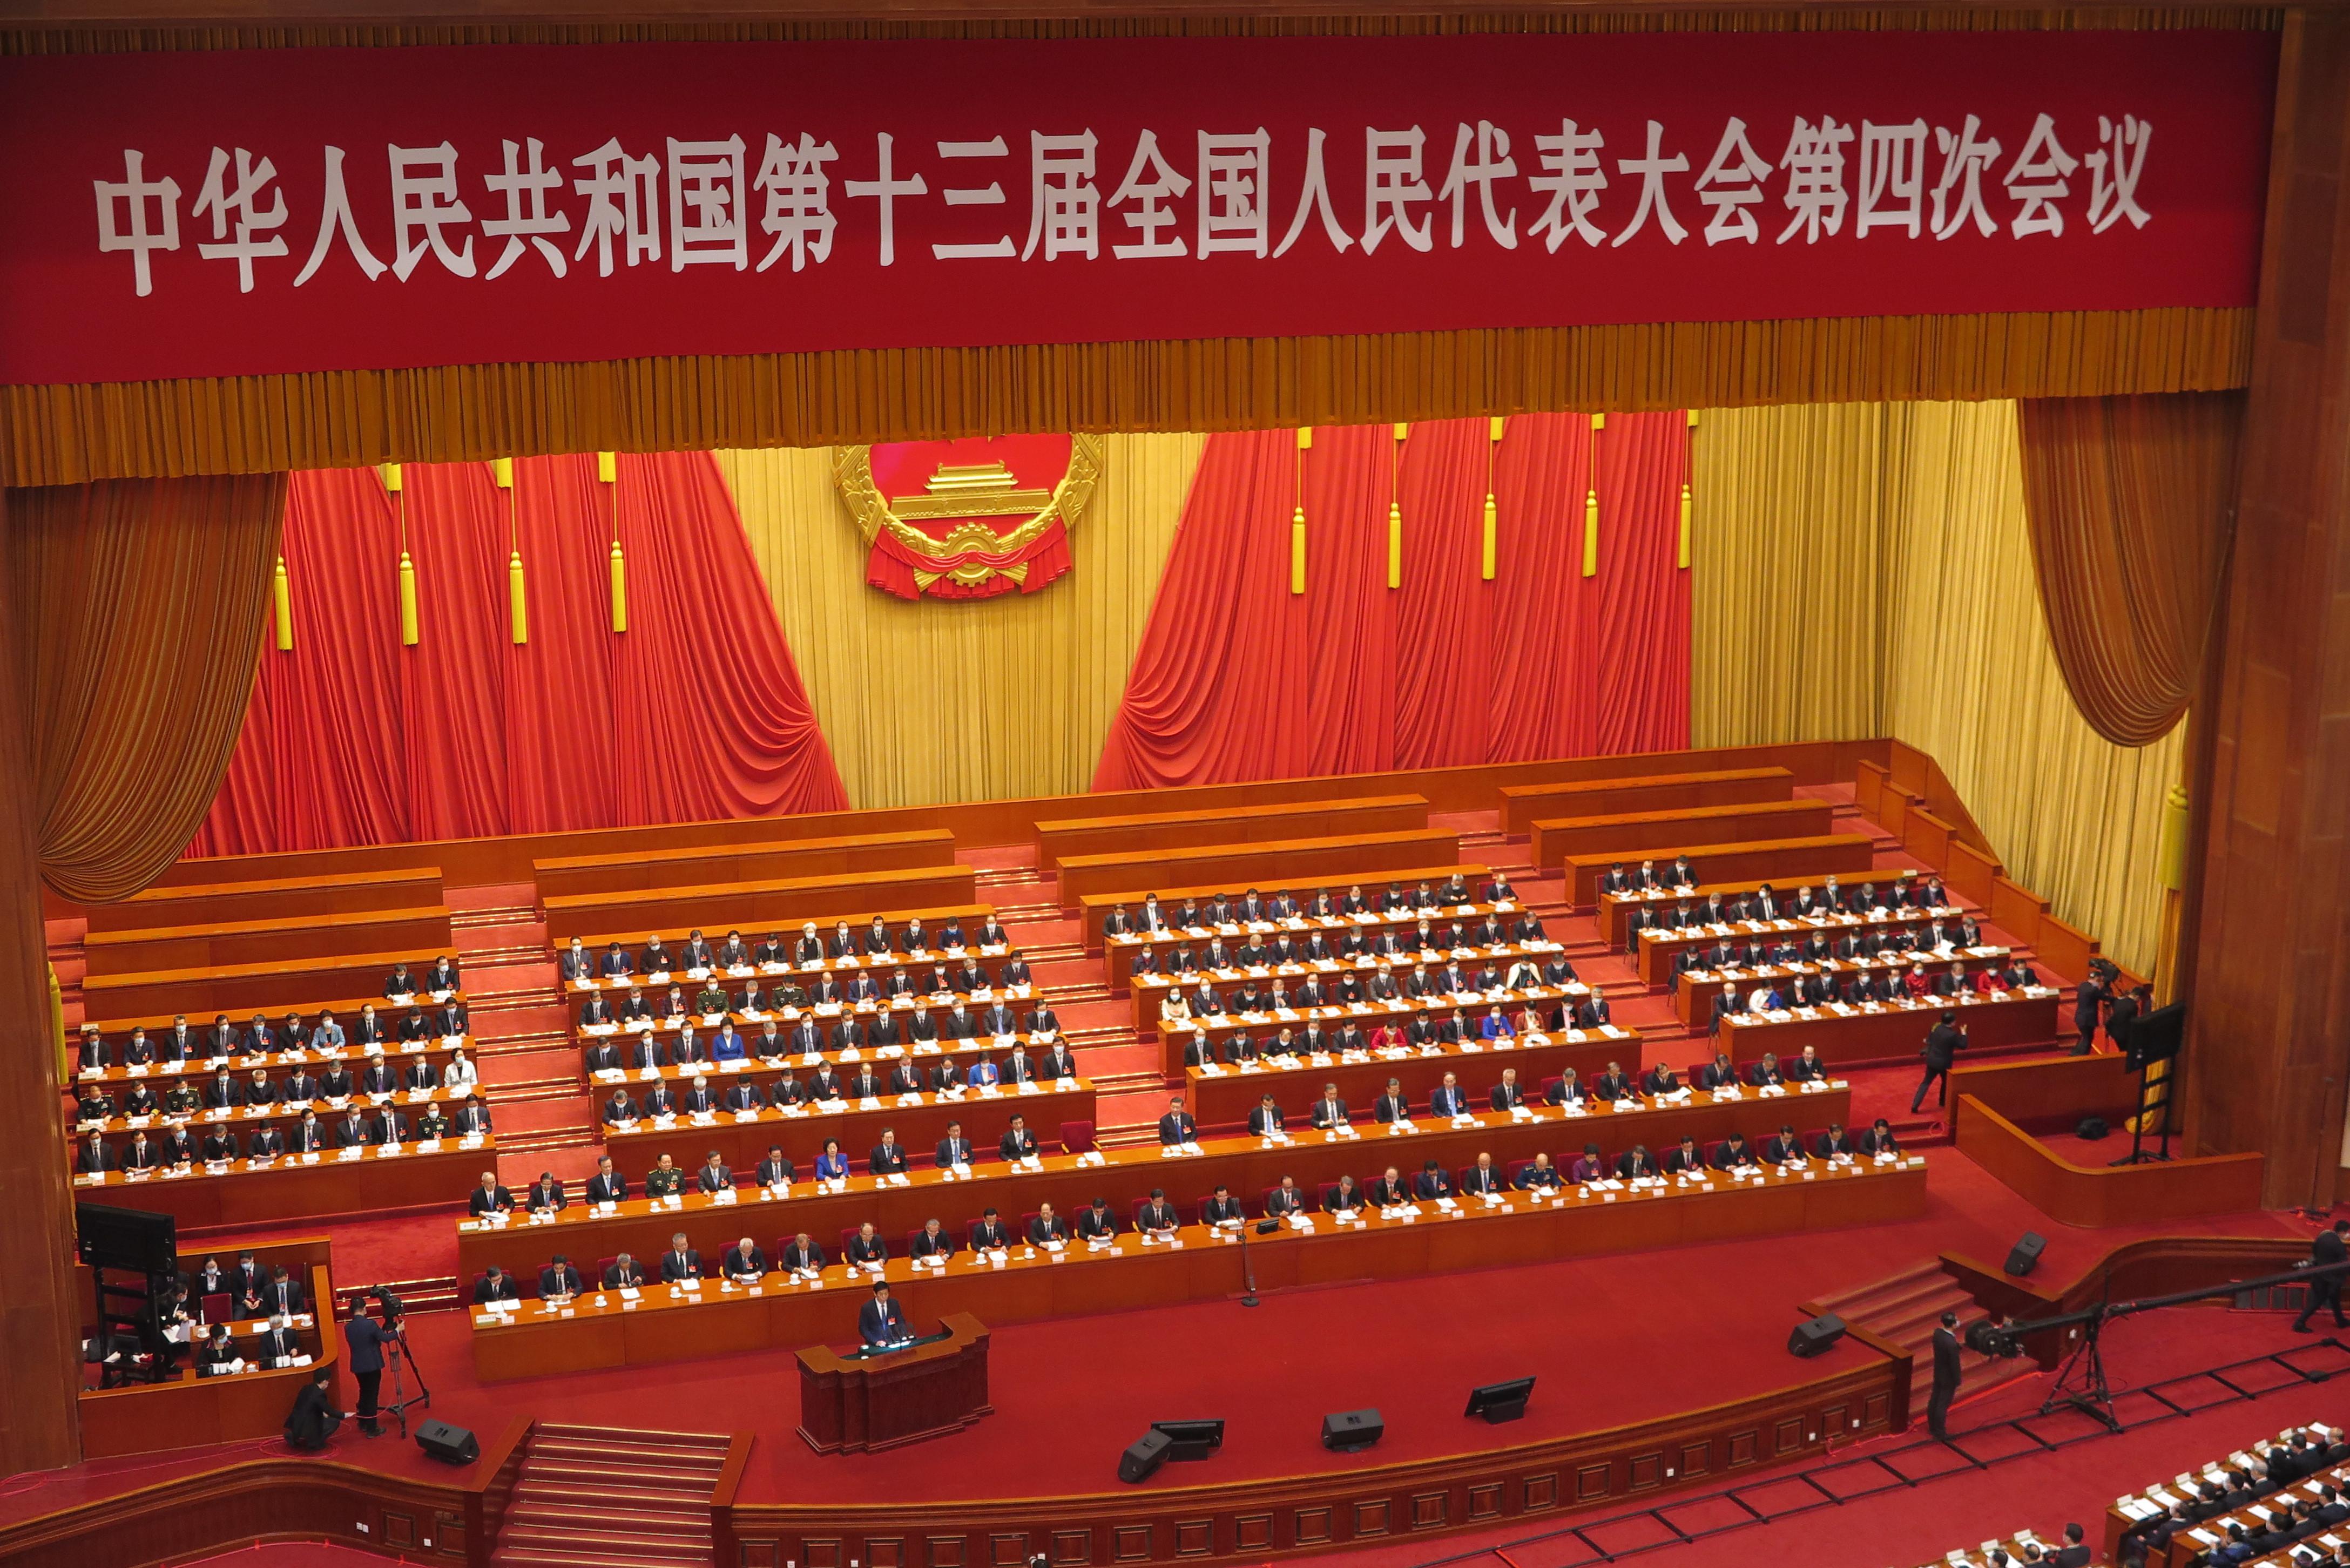 中共,兩會,人大,政協,李克強,美中台,經濟,十四五計畫,2035年,中國經濟